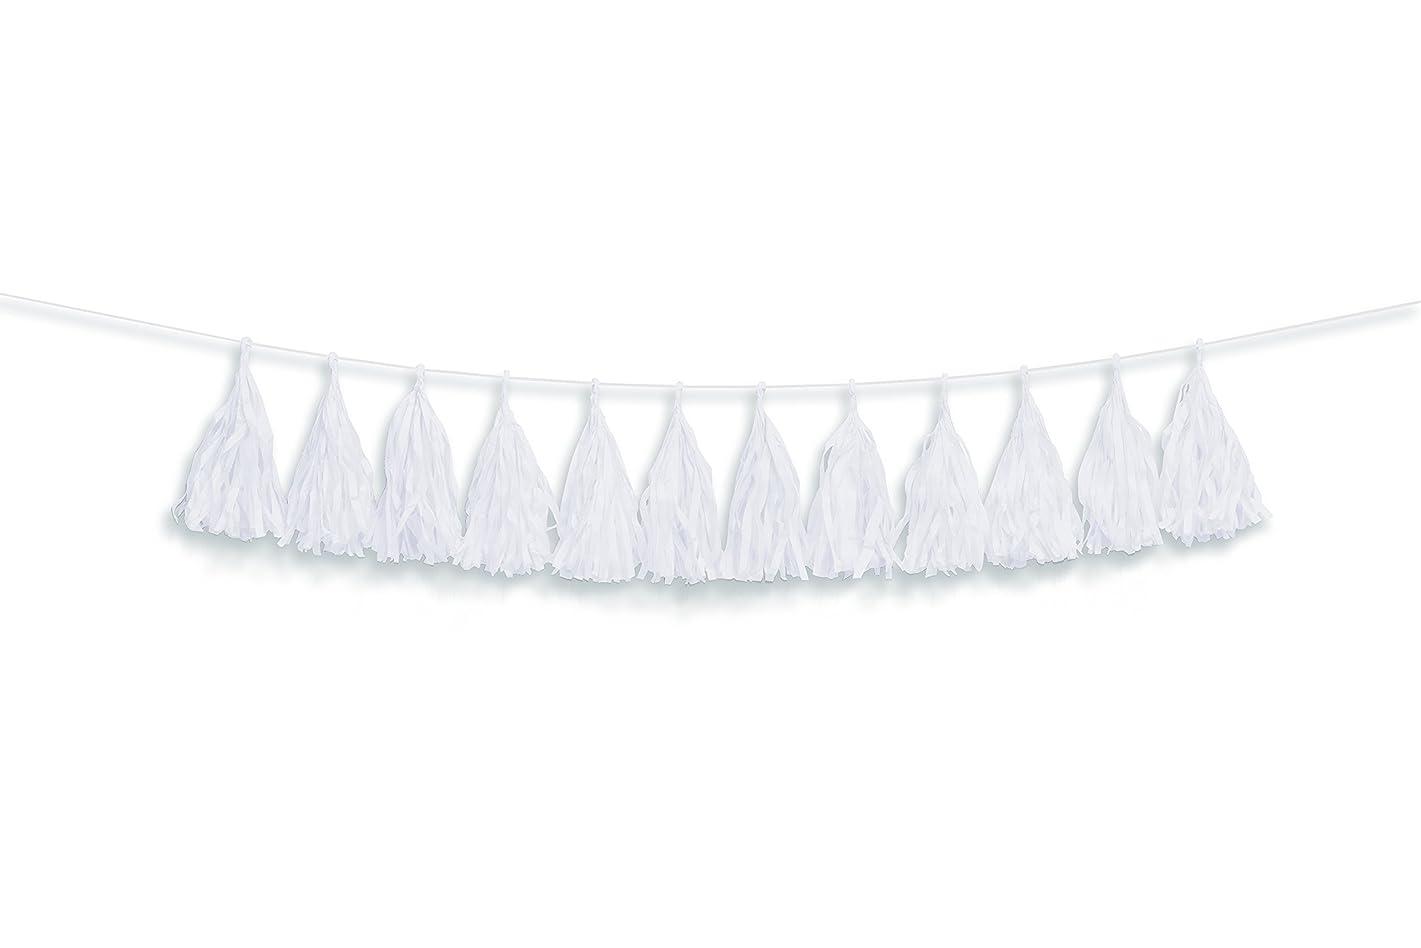 Darice White Tissue Tassel Garland, 12 Piece 6FT